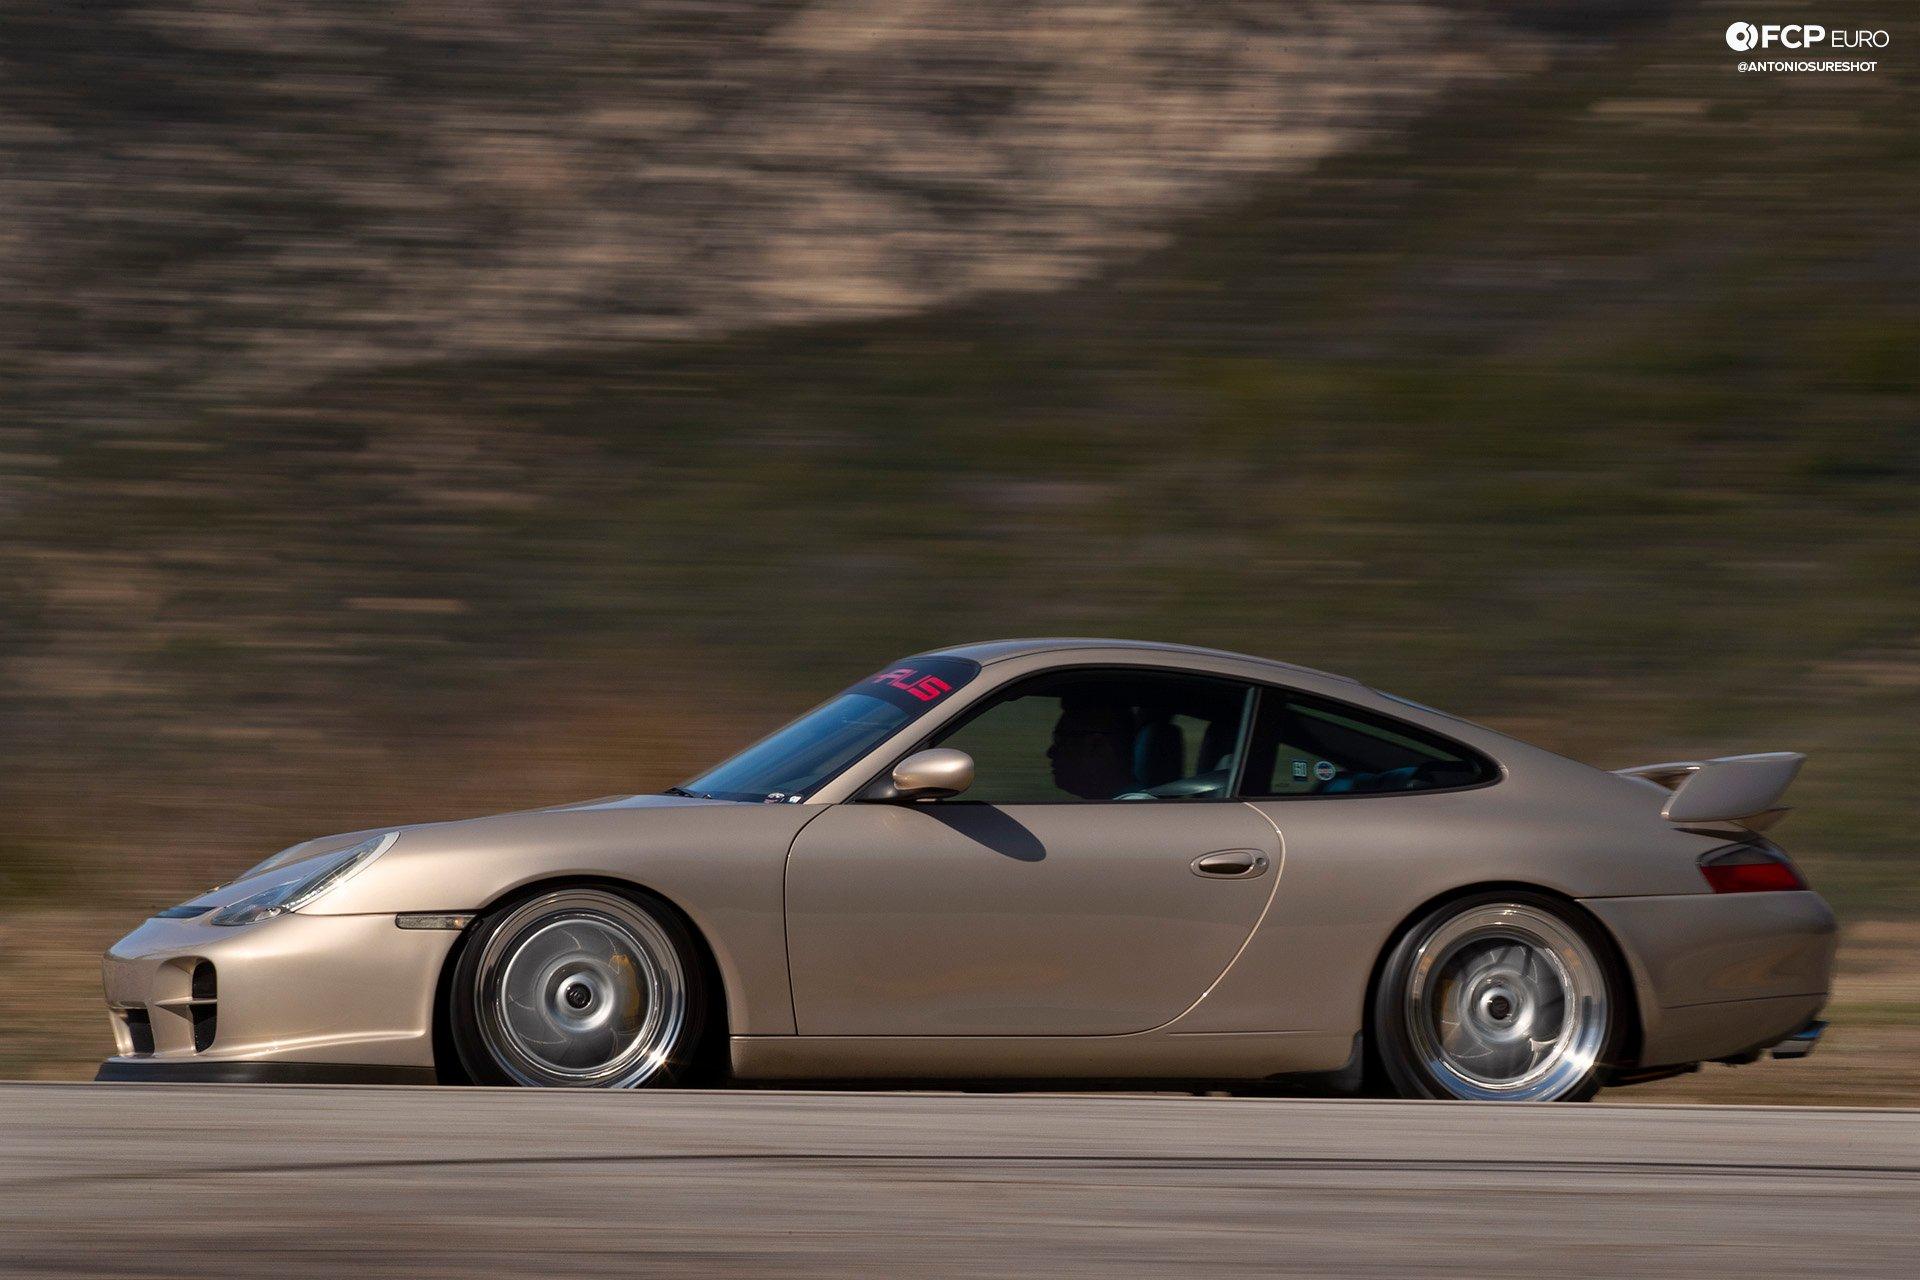 Porsche 911 996 6spd M96 Bilstein B8 Stoptech Eibach Forgestar 1DX25091